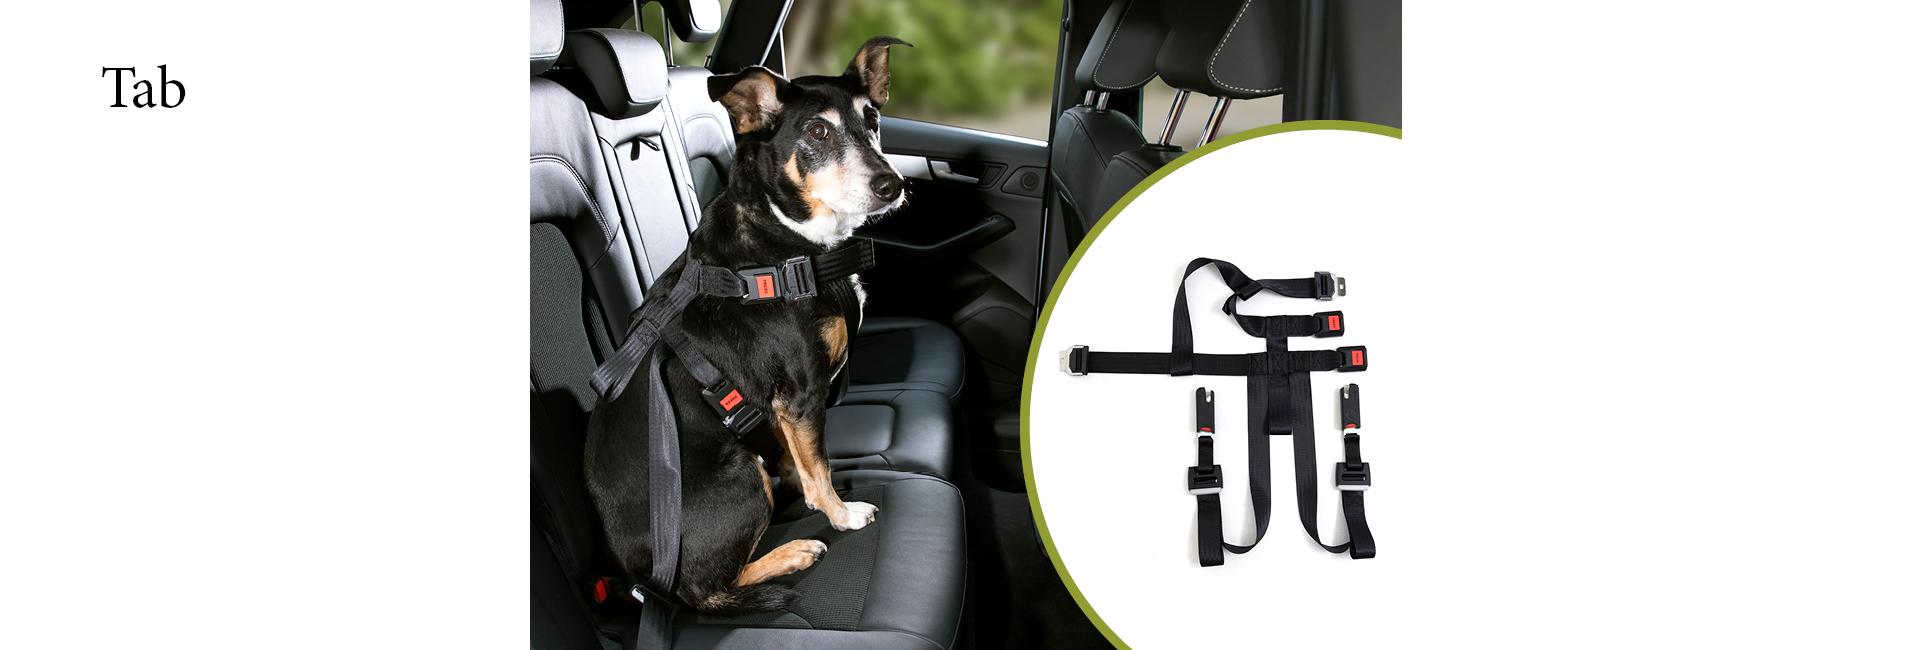 DoggySafe - Hunde Sicherheitsgurt - Darstellung im Auto